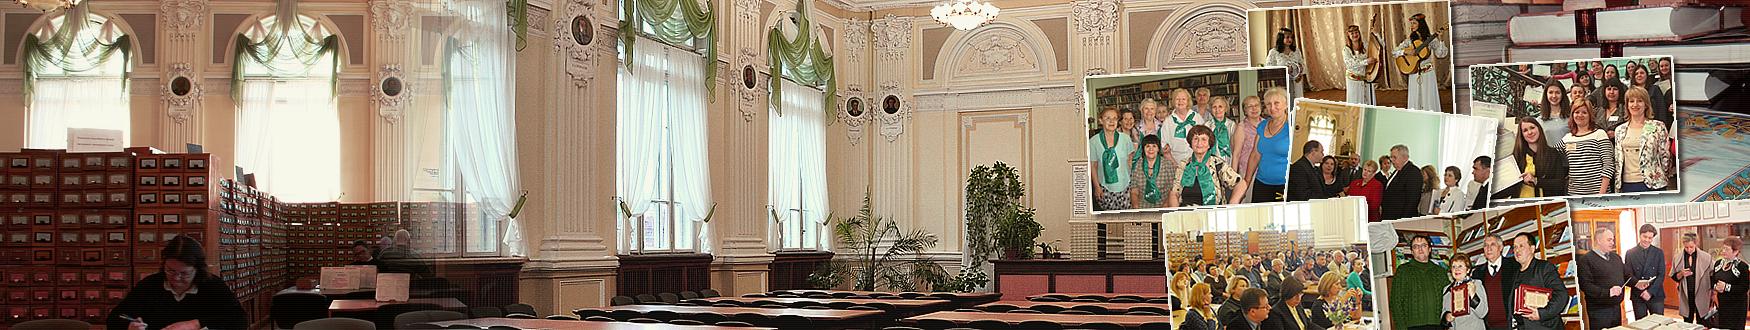 З розбудовою України як незалежної держави Харківська державна наукова бібліотека імені В. Г. Короленка продовжила свою історію як установа загальнодержавного значення, провідний науково-дослідний та науково-методичний центр країни. В цей час розширюються міжнародні зв'язки, починається впровадження автоматизації бібліотечно-бібліографічних процесів, відбувається підключення до Інтернету, створюється сайт, розширюється маркетингова та проектна діяльність, набуває нового змісту соціокультурна діяльність, відкриваються інформаційні центри. Користувачі отримують можливість користуватися якісно новими послугами.